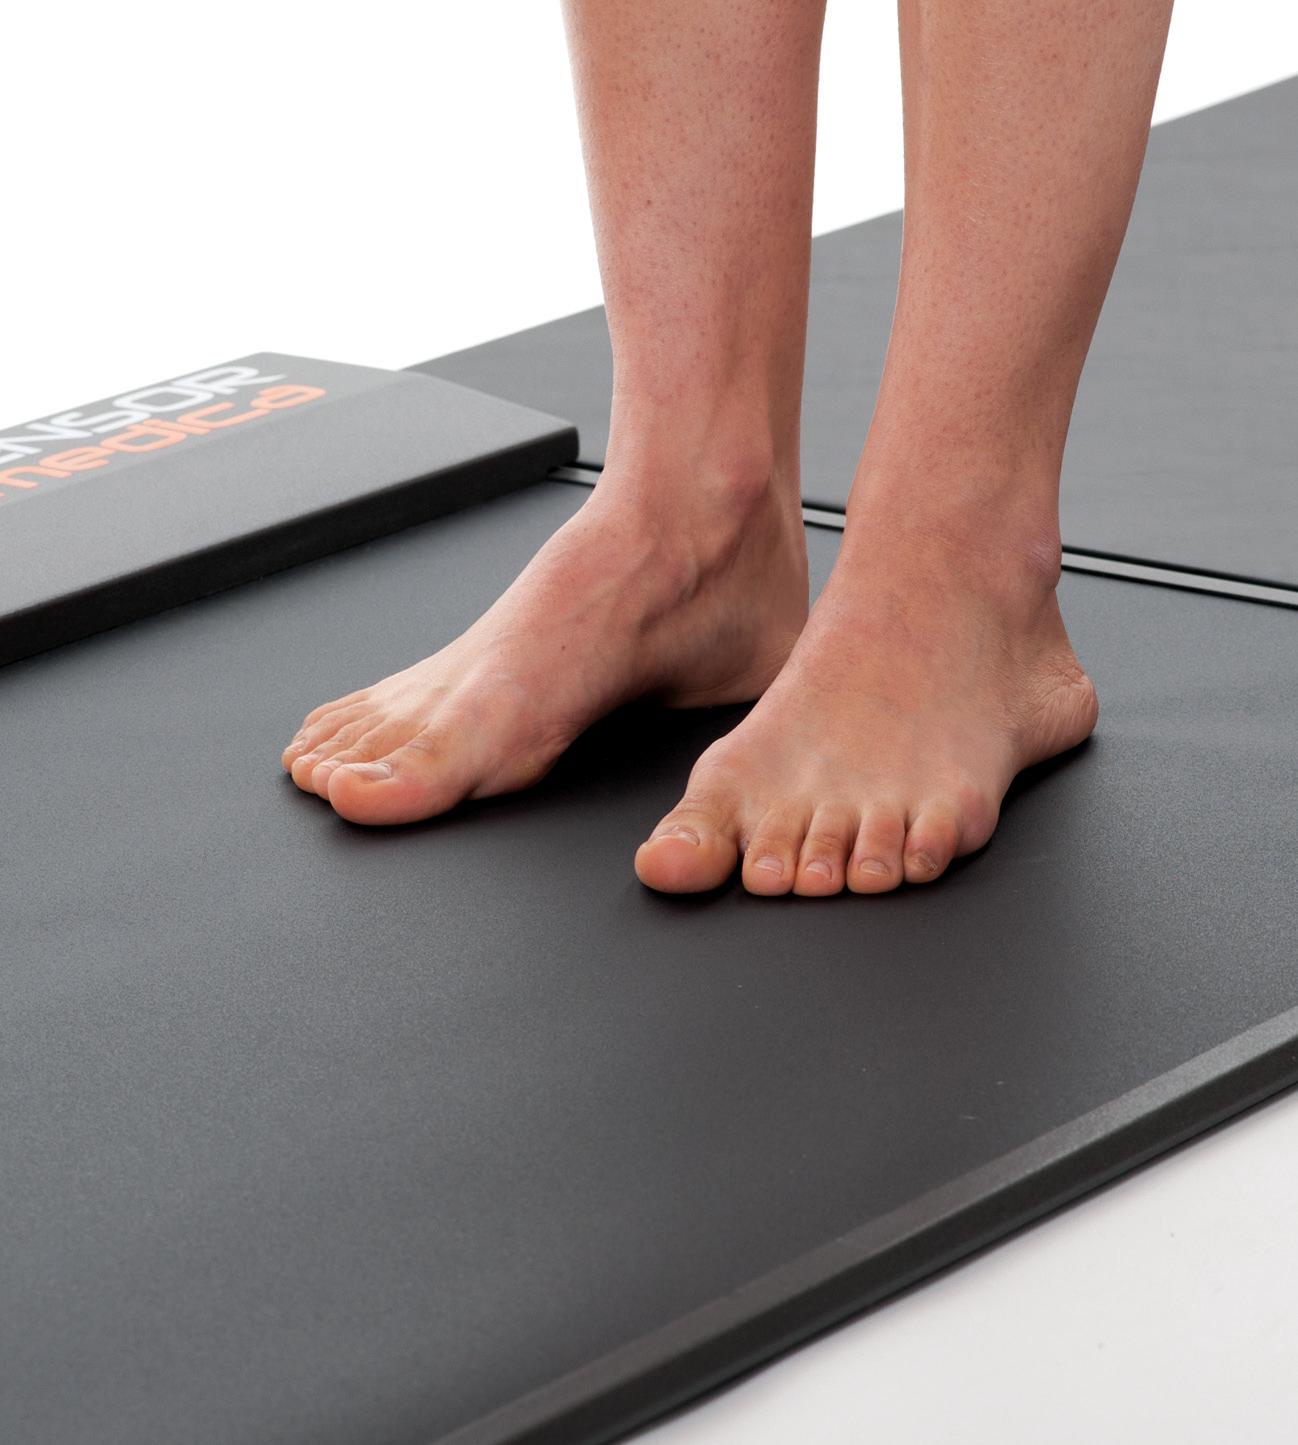 plantari propriocettivi per la postura corretta